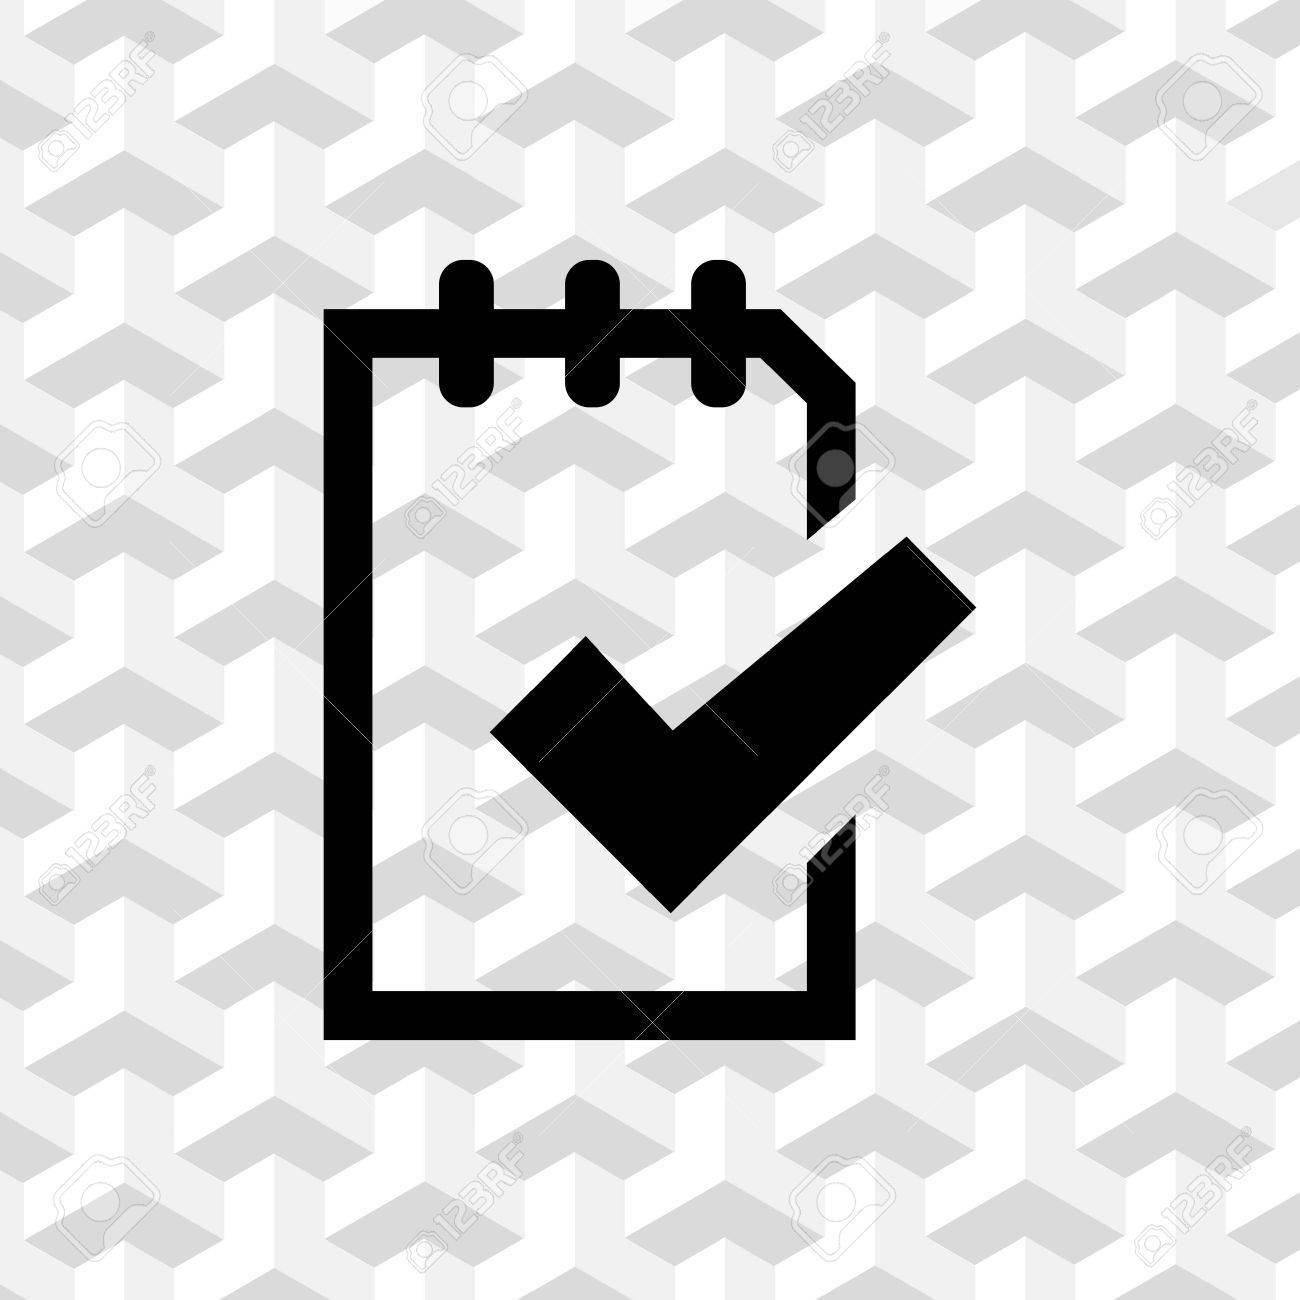 3a92b55d6 Foto de archivo - Lista de comprobación icono ilustración vectorial de  diseño plano